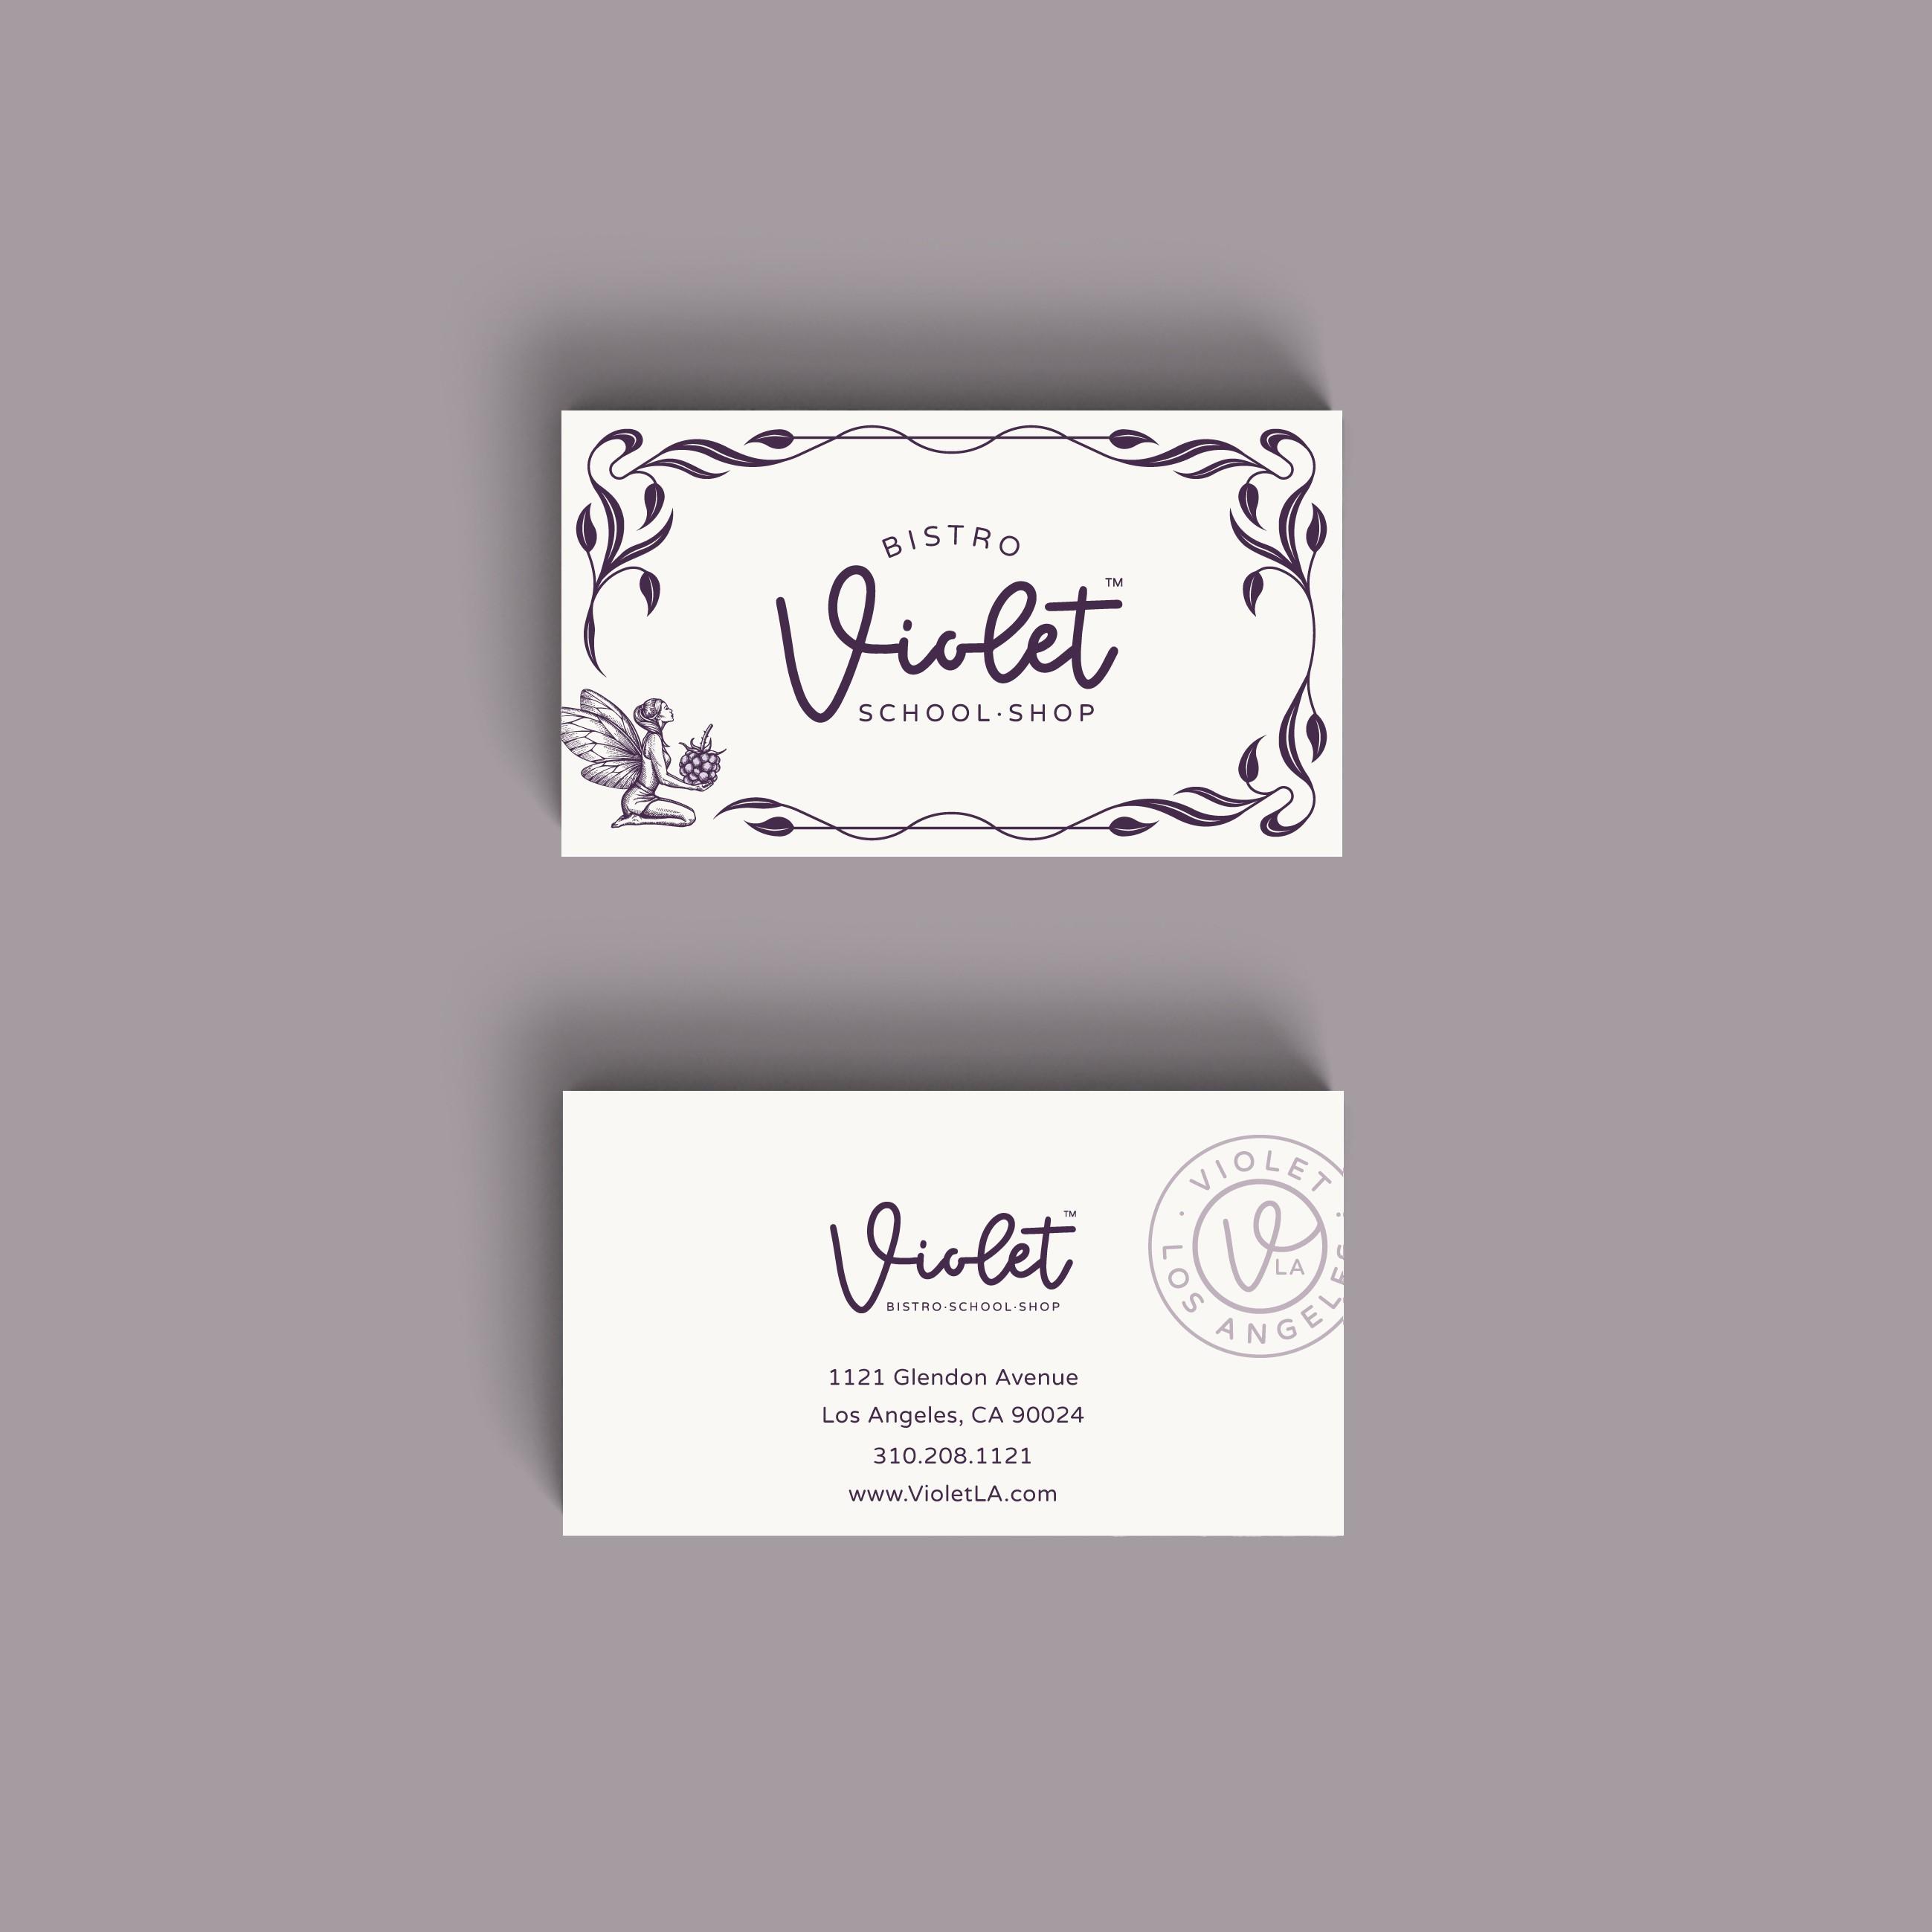 Violet - business card design